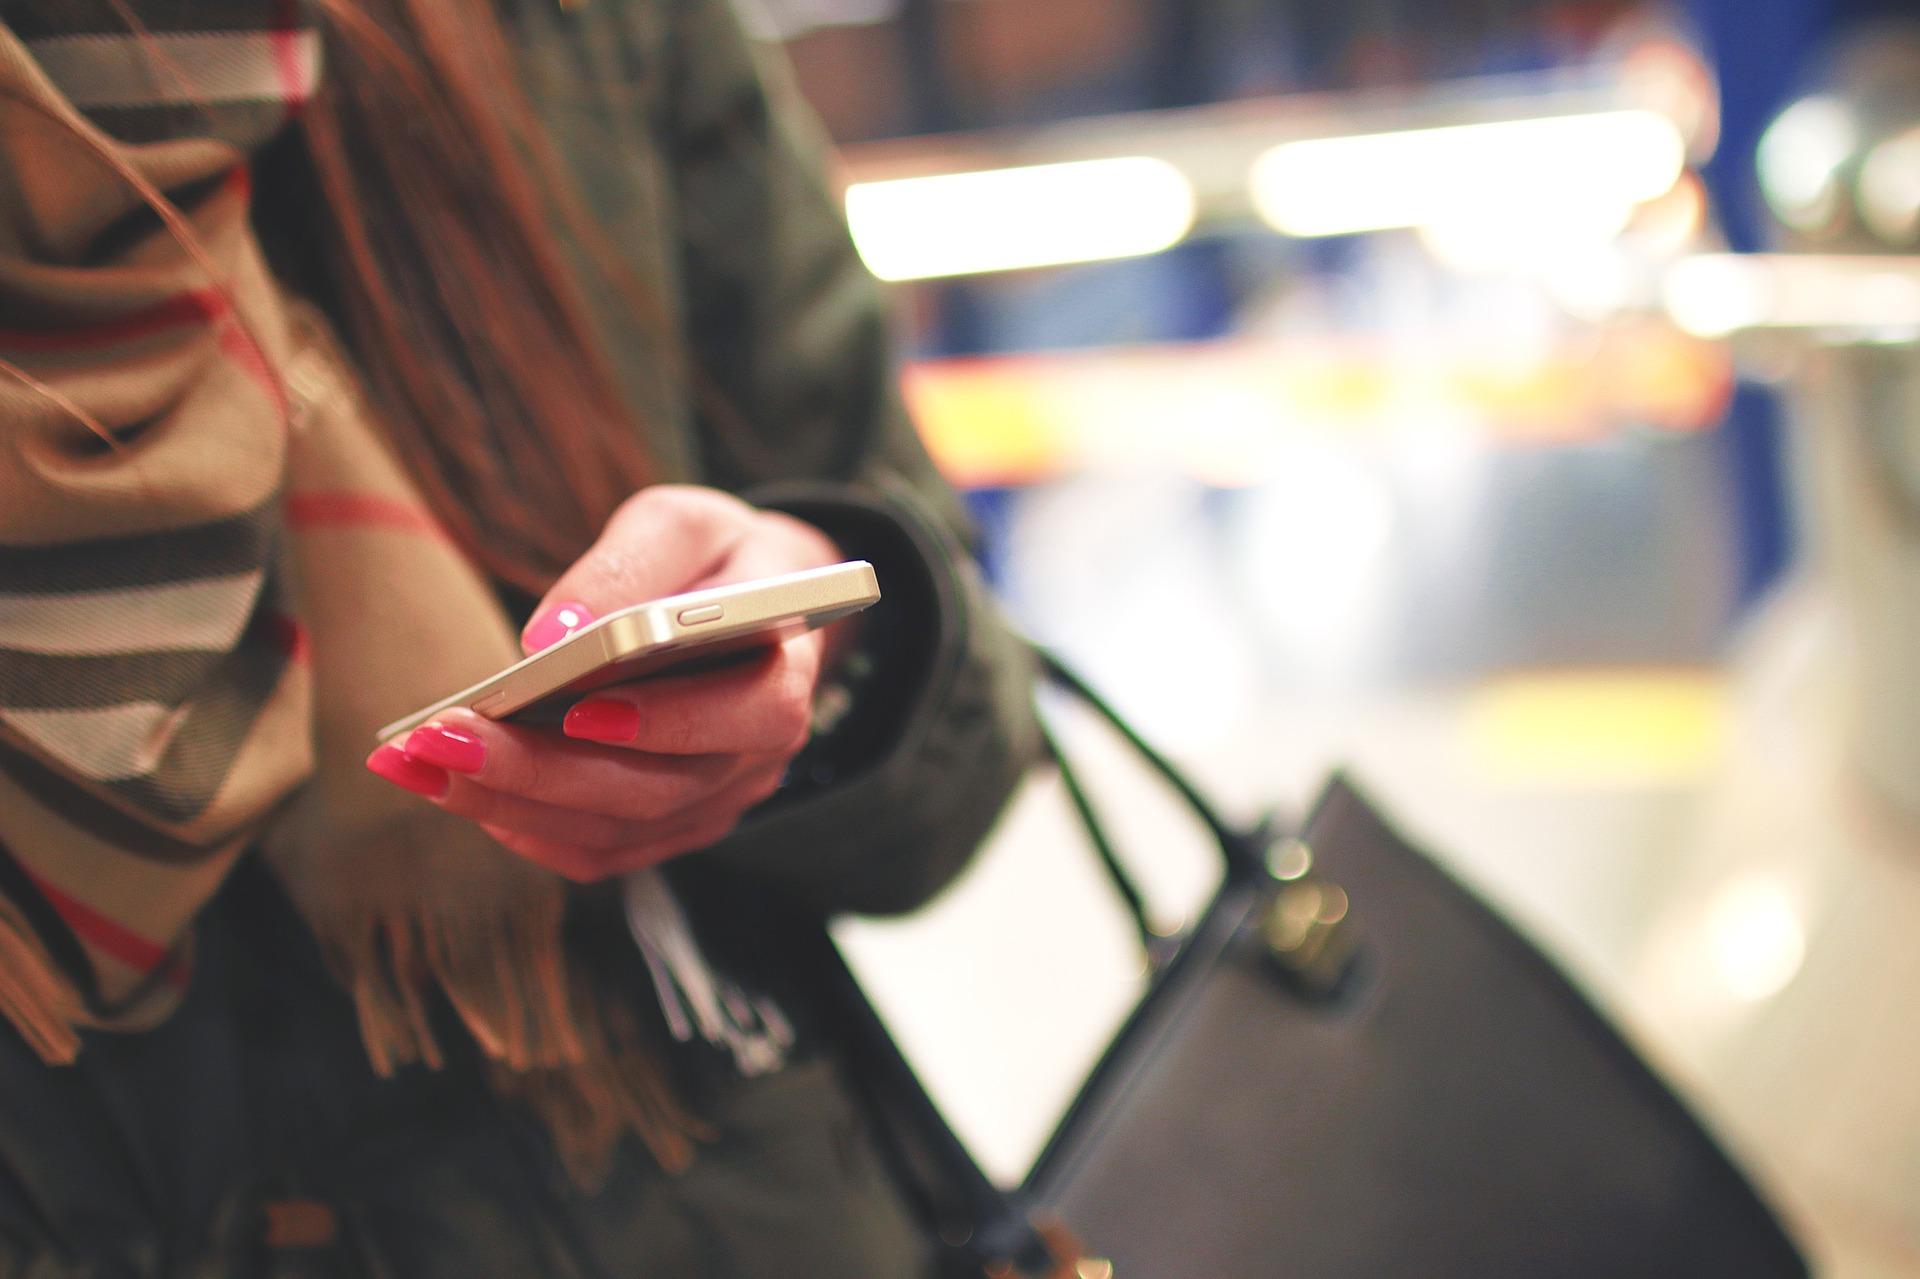 【ネット恋愛のリスク】女性必見!ネット恋愛で気をつけるポイント!